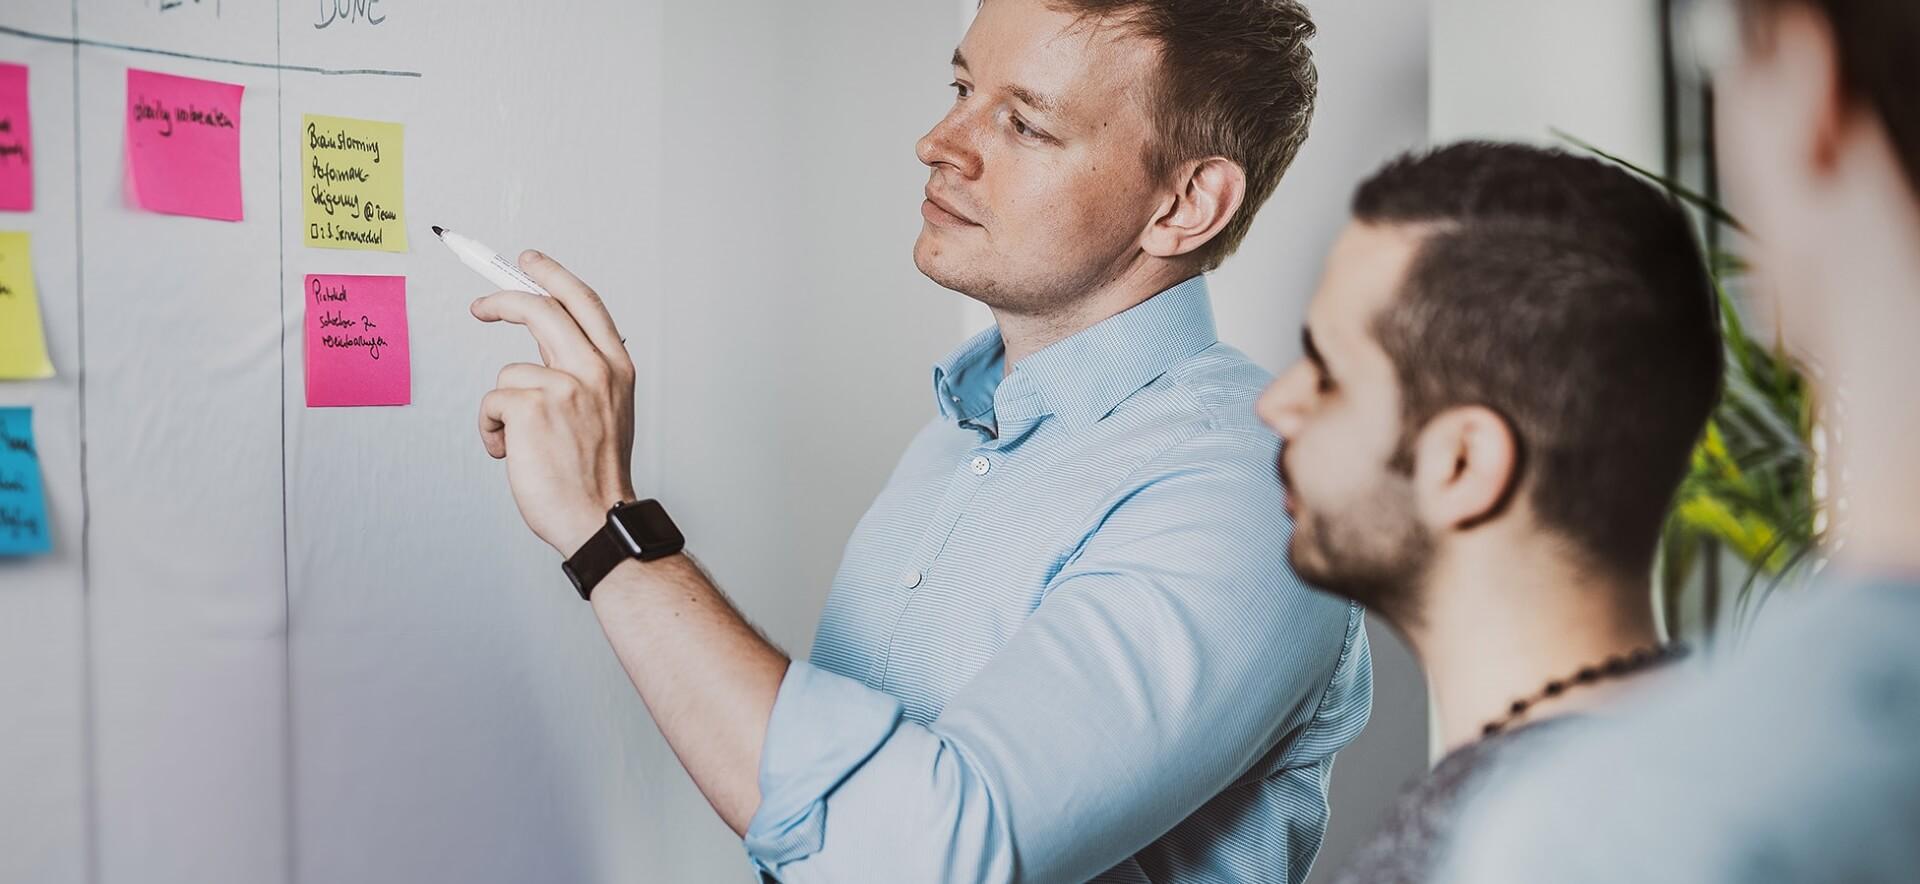 Projektleiter Jobs im Bereich E-Commerce und Software - Karriere bei der Digitalagentur igniti